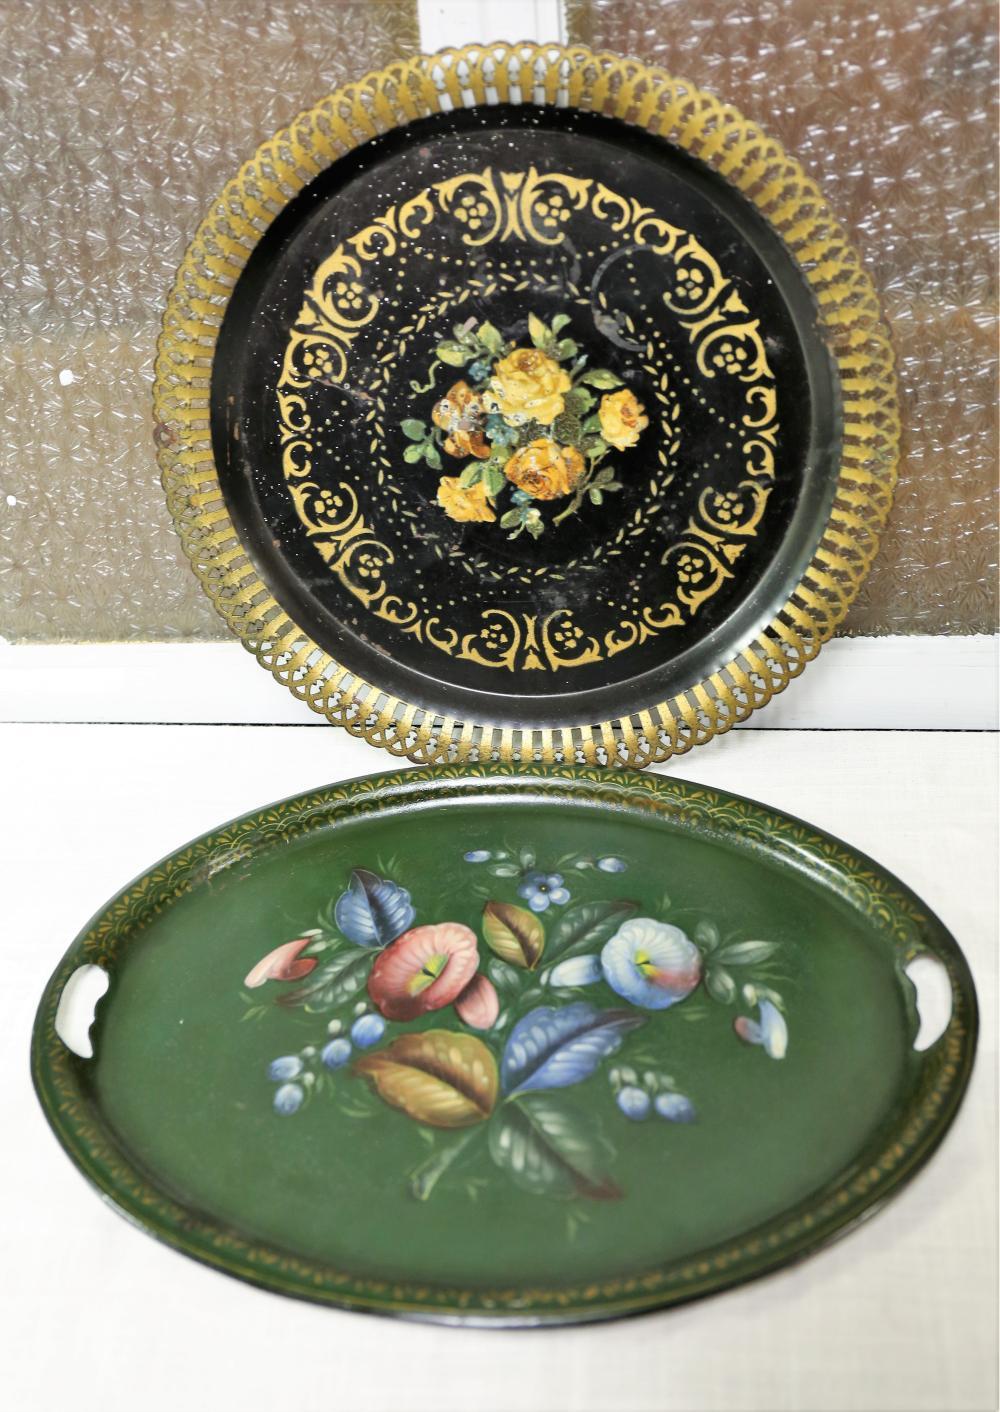 Pair of floral metal trays